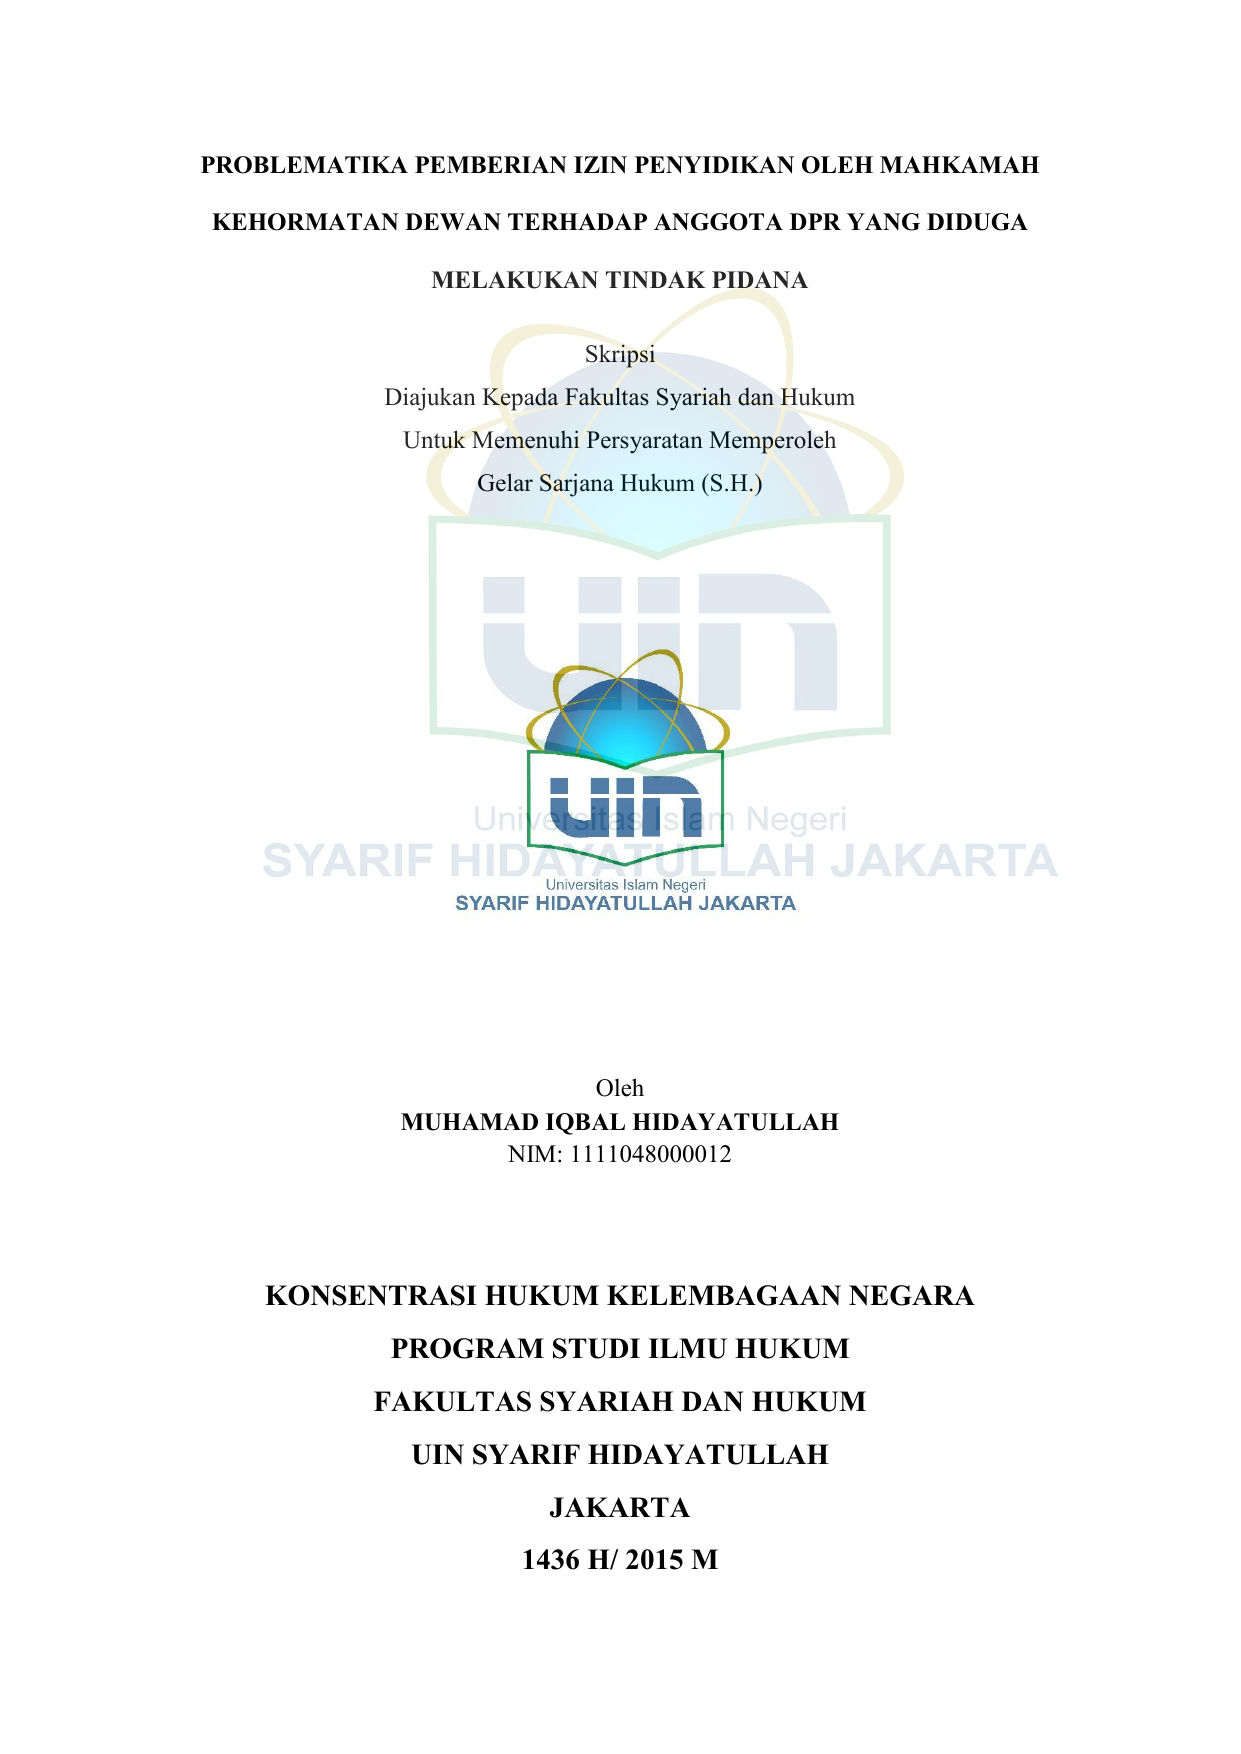 Konsentrasi Hukum Kelembagaan Negara Program Studi Ilmu Hukum